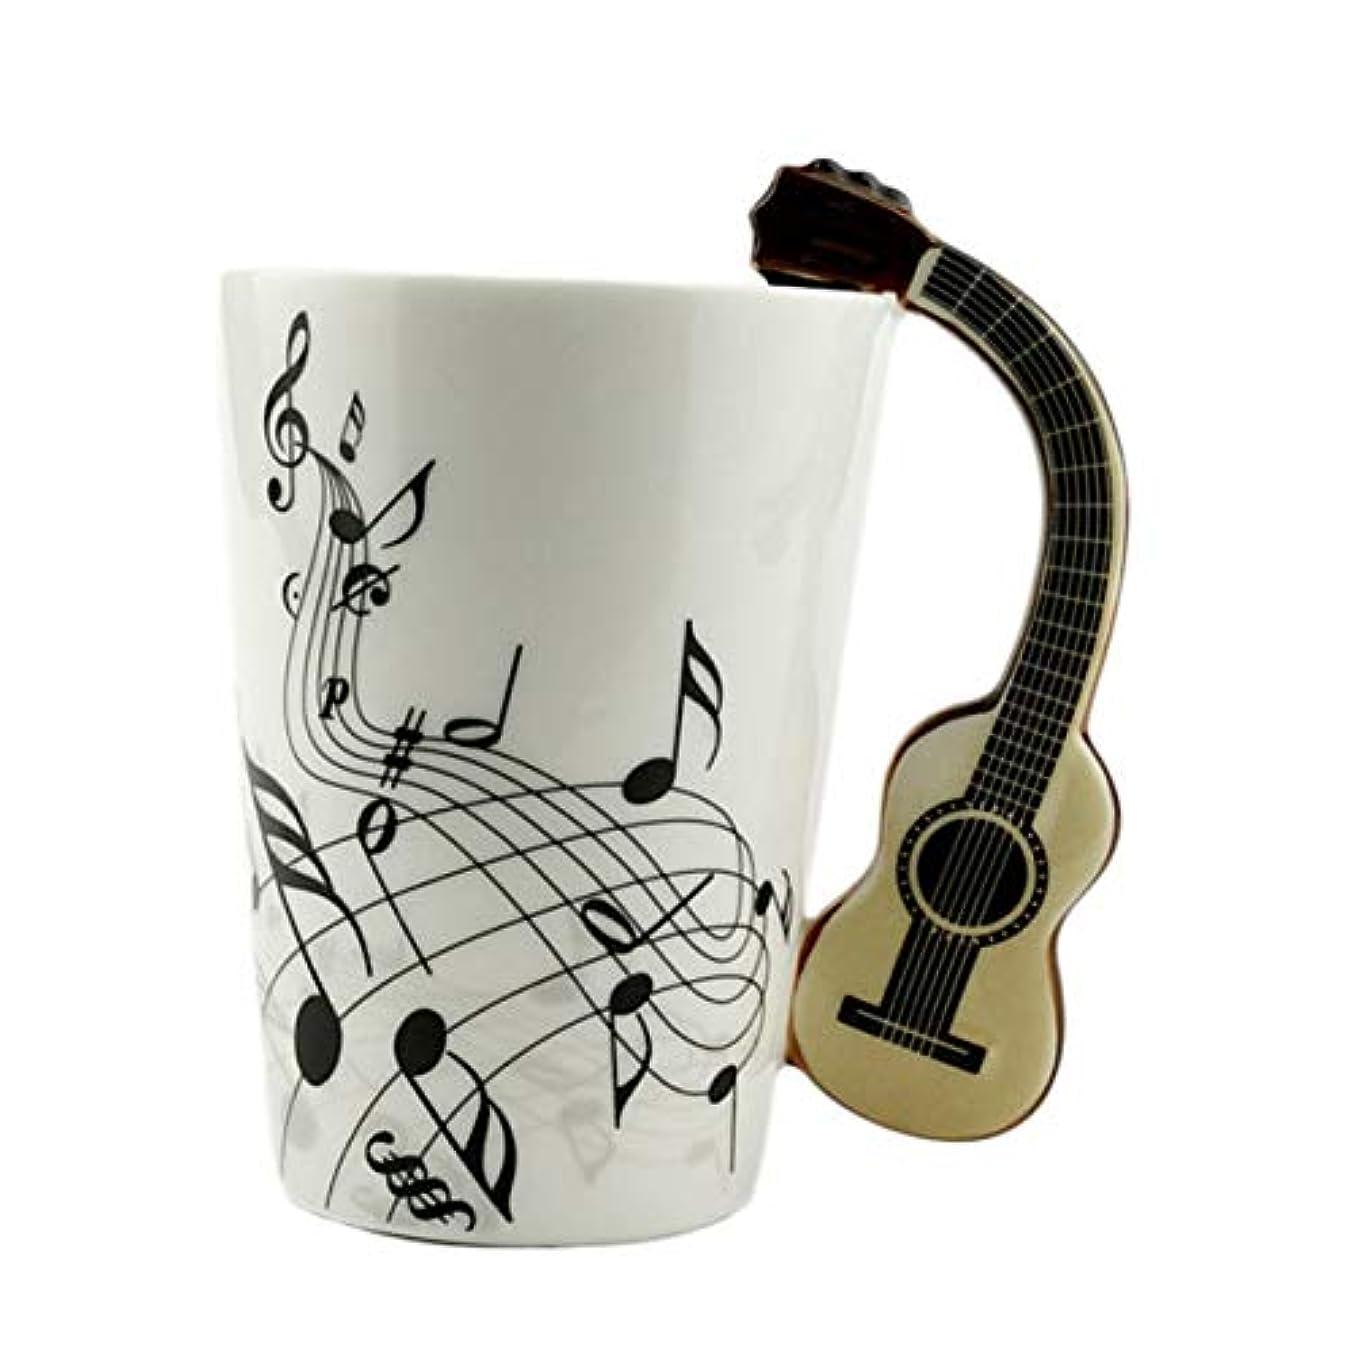 Saikogoods ノベルティアートセラミックマグカップ楽器は スタイルのコーヒーミルクカップクリスマスギフトホームオフィスカップ グラスに注意してください。 ホワイトボディギター